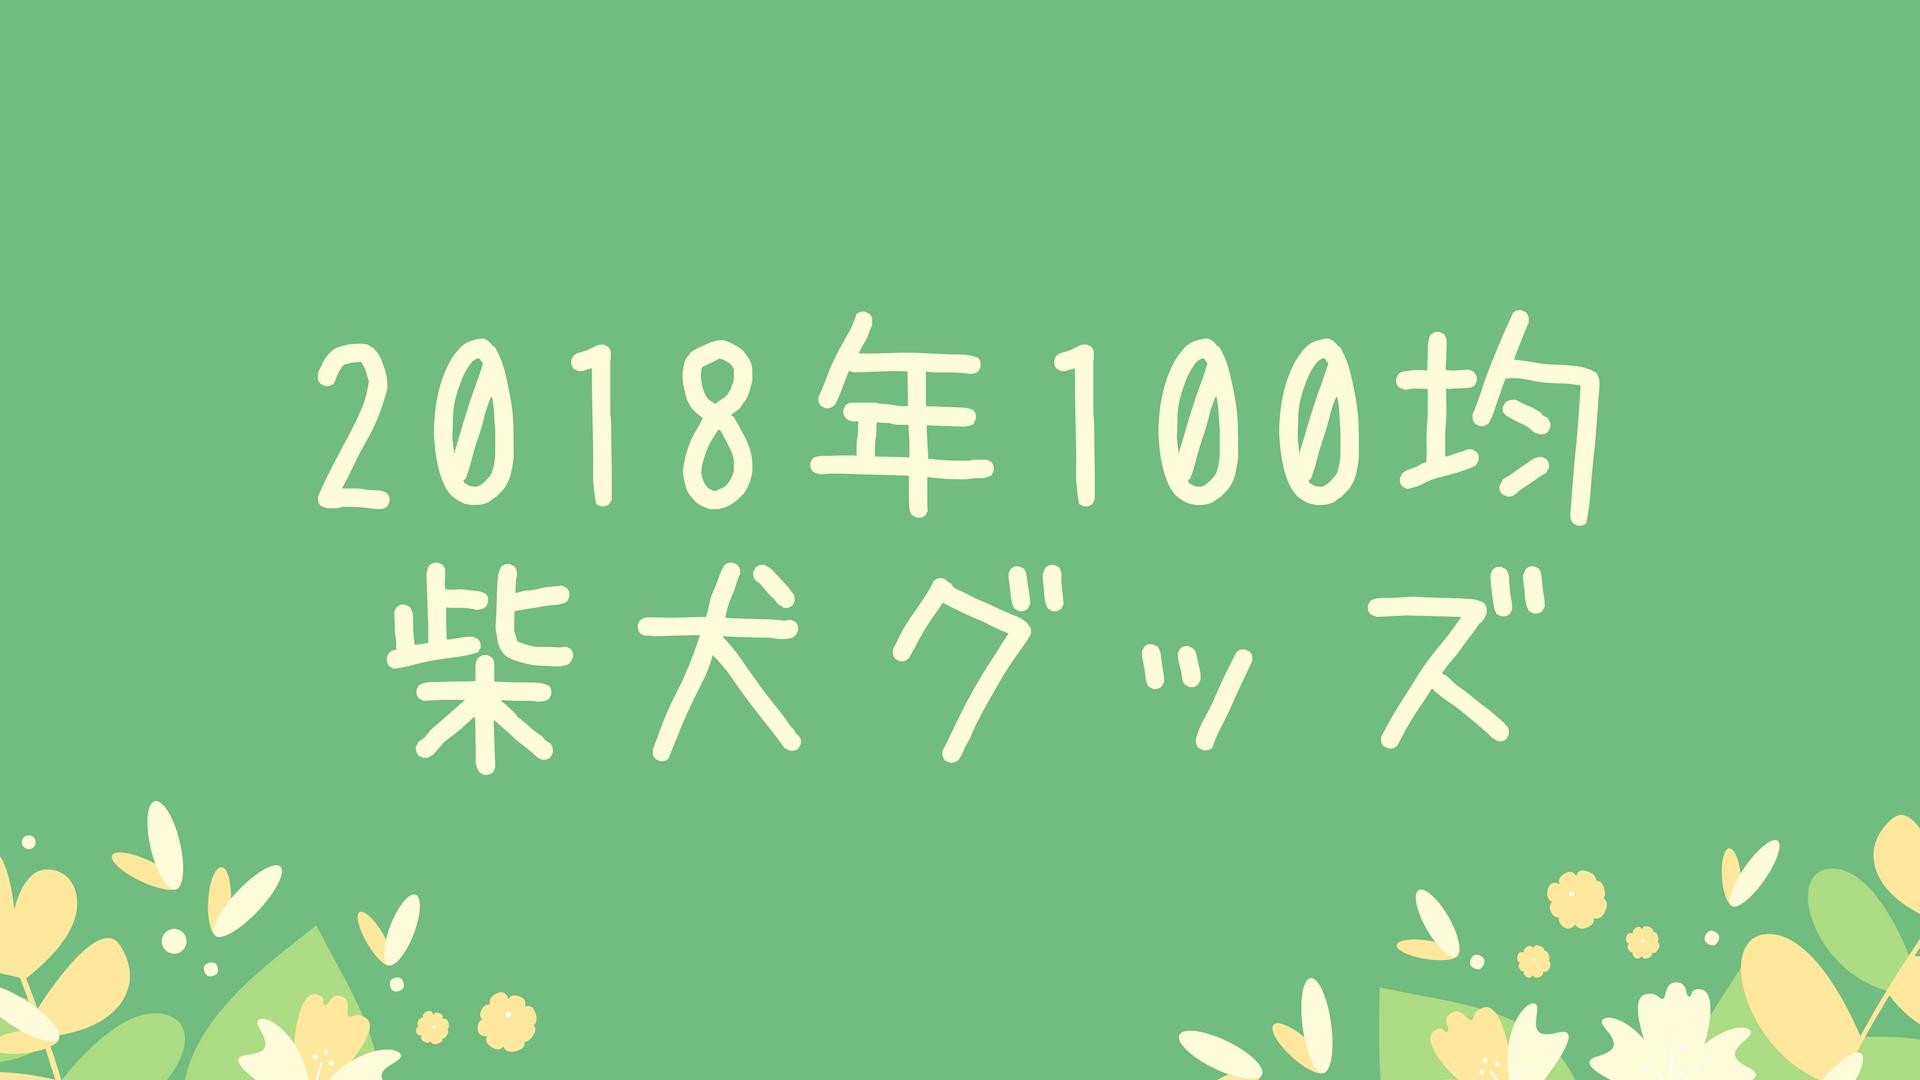 【2018年】100均柴犬グッズ!ダイソー・キャンドゥ・seria